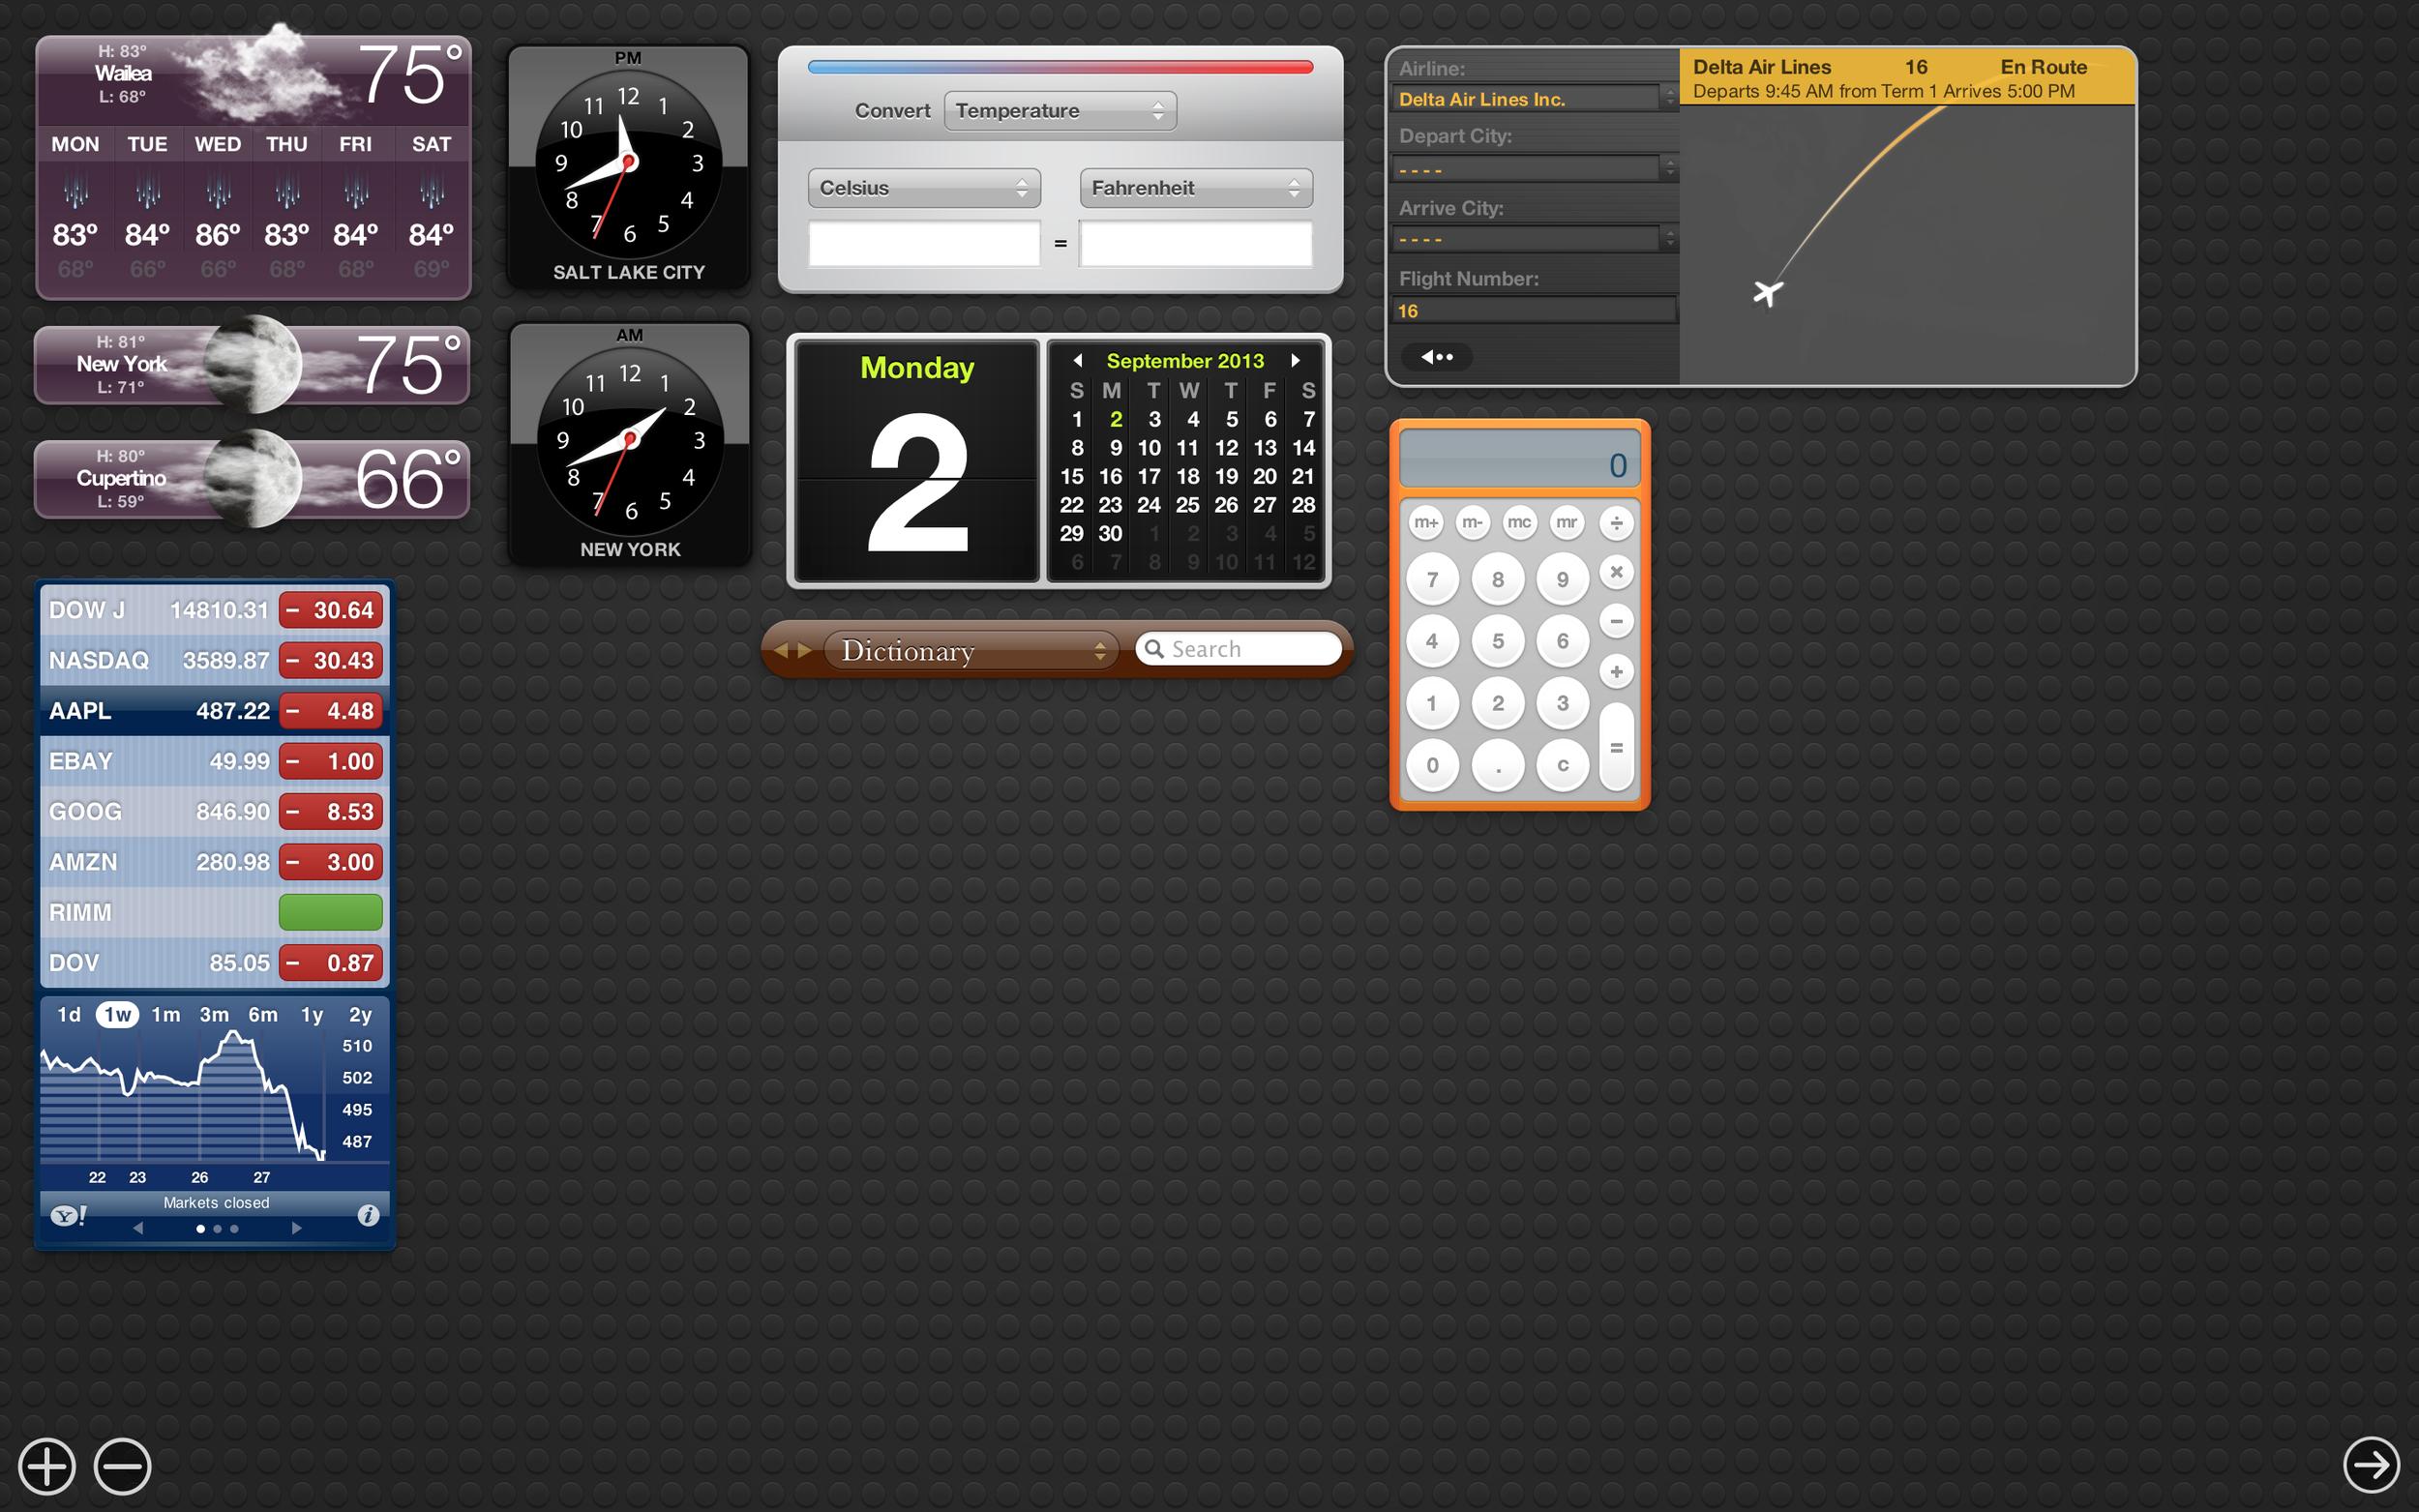 Screen Shot 2013-09-02 at 11.41.34 PM.png